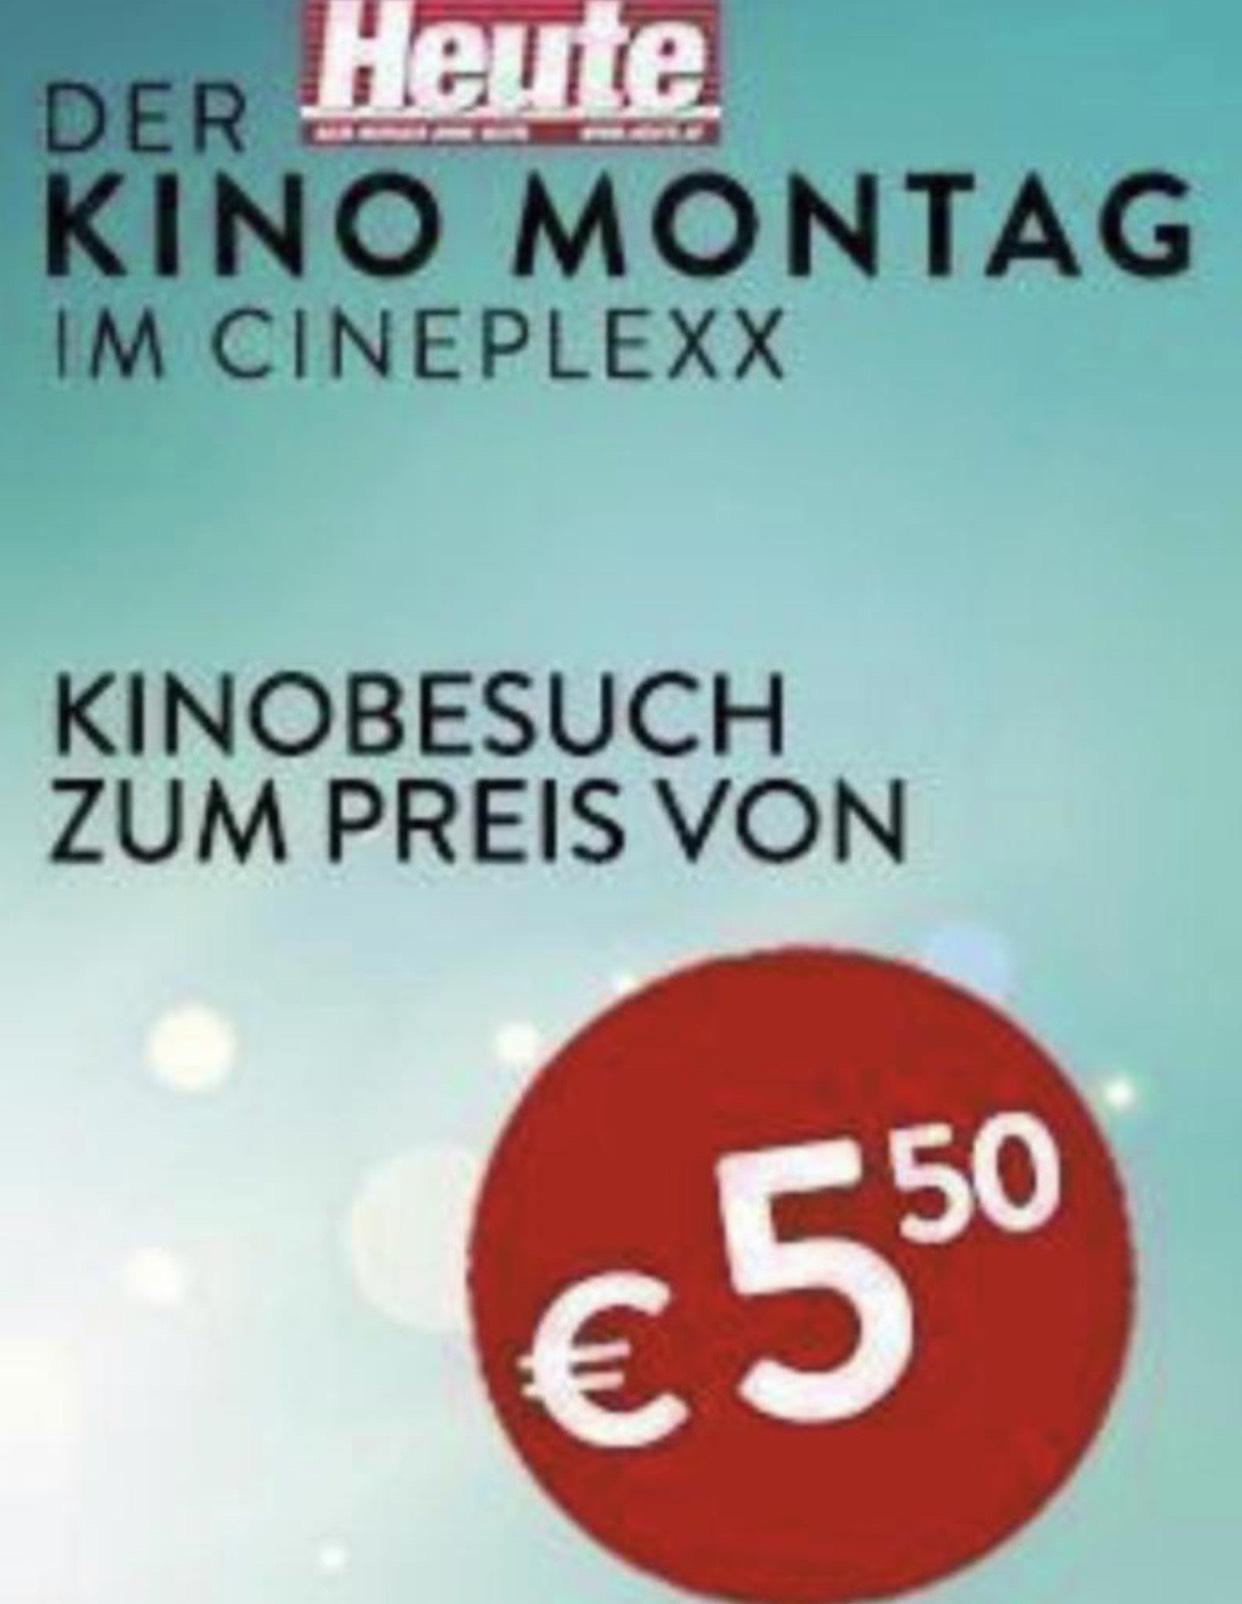 Heute Kino Montag: Cineplexx und Constantin Kinos 5,5€ pro Ticket. Dank Cashback nur 4,50€ (Kassenbon nur bis 18:20 gültig)